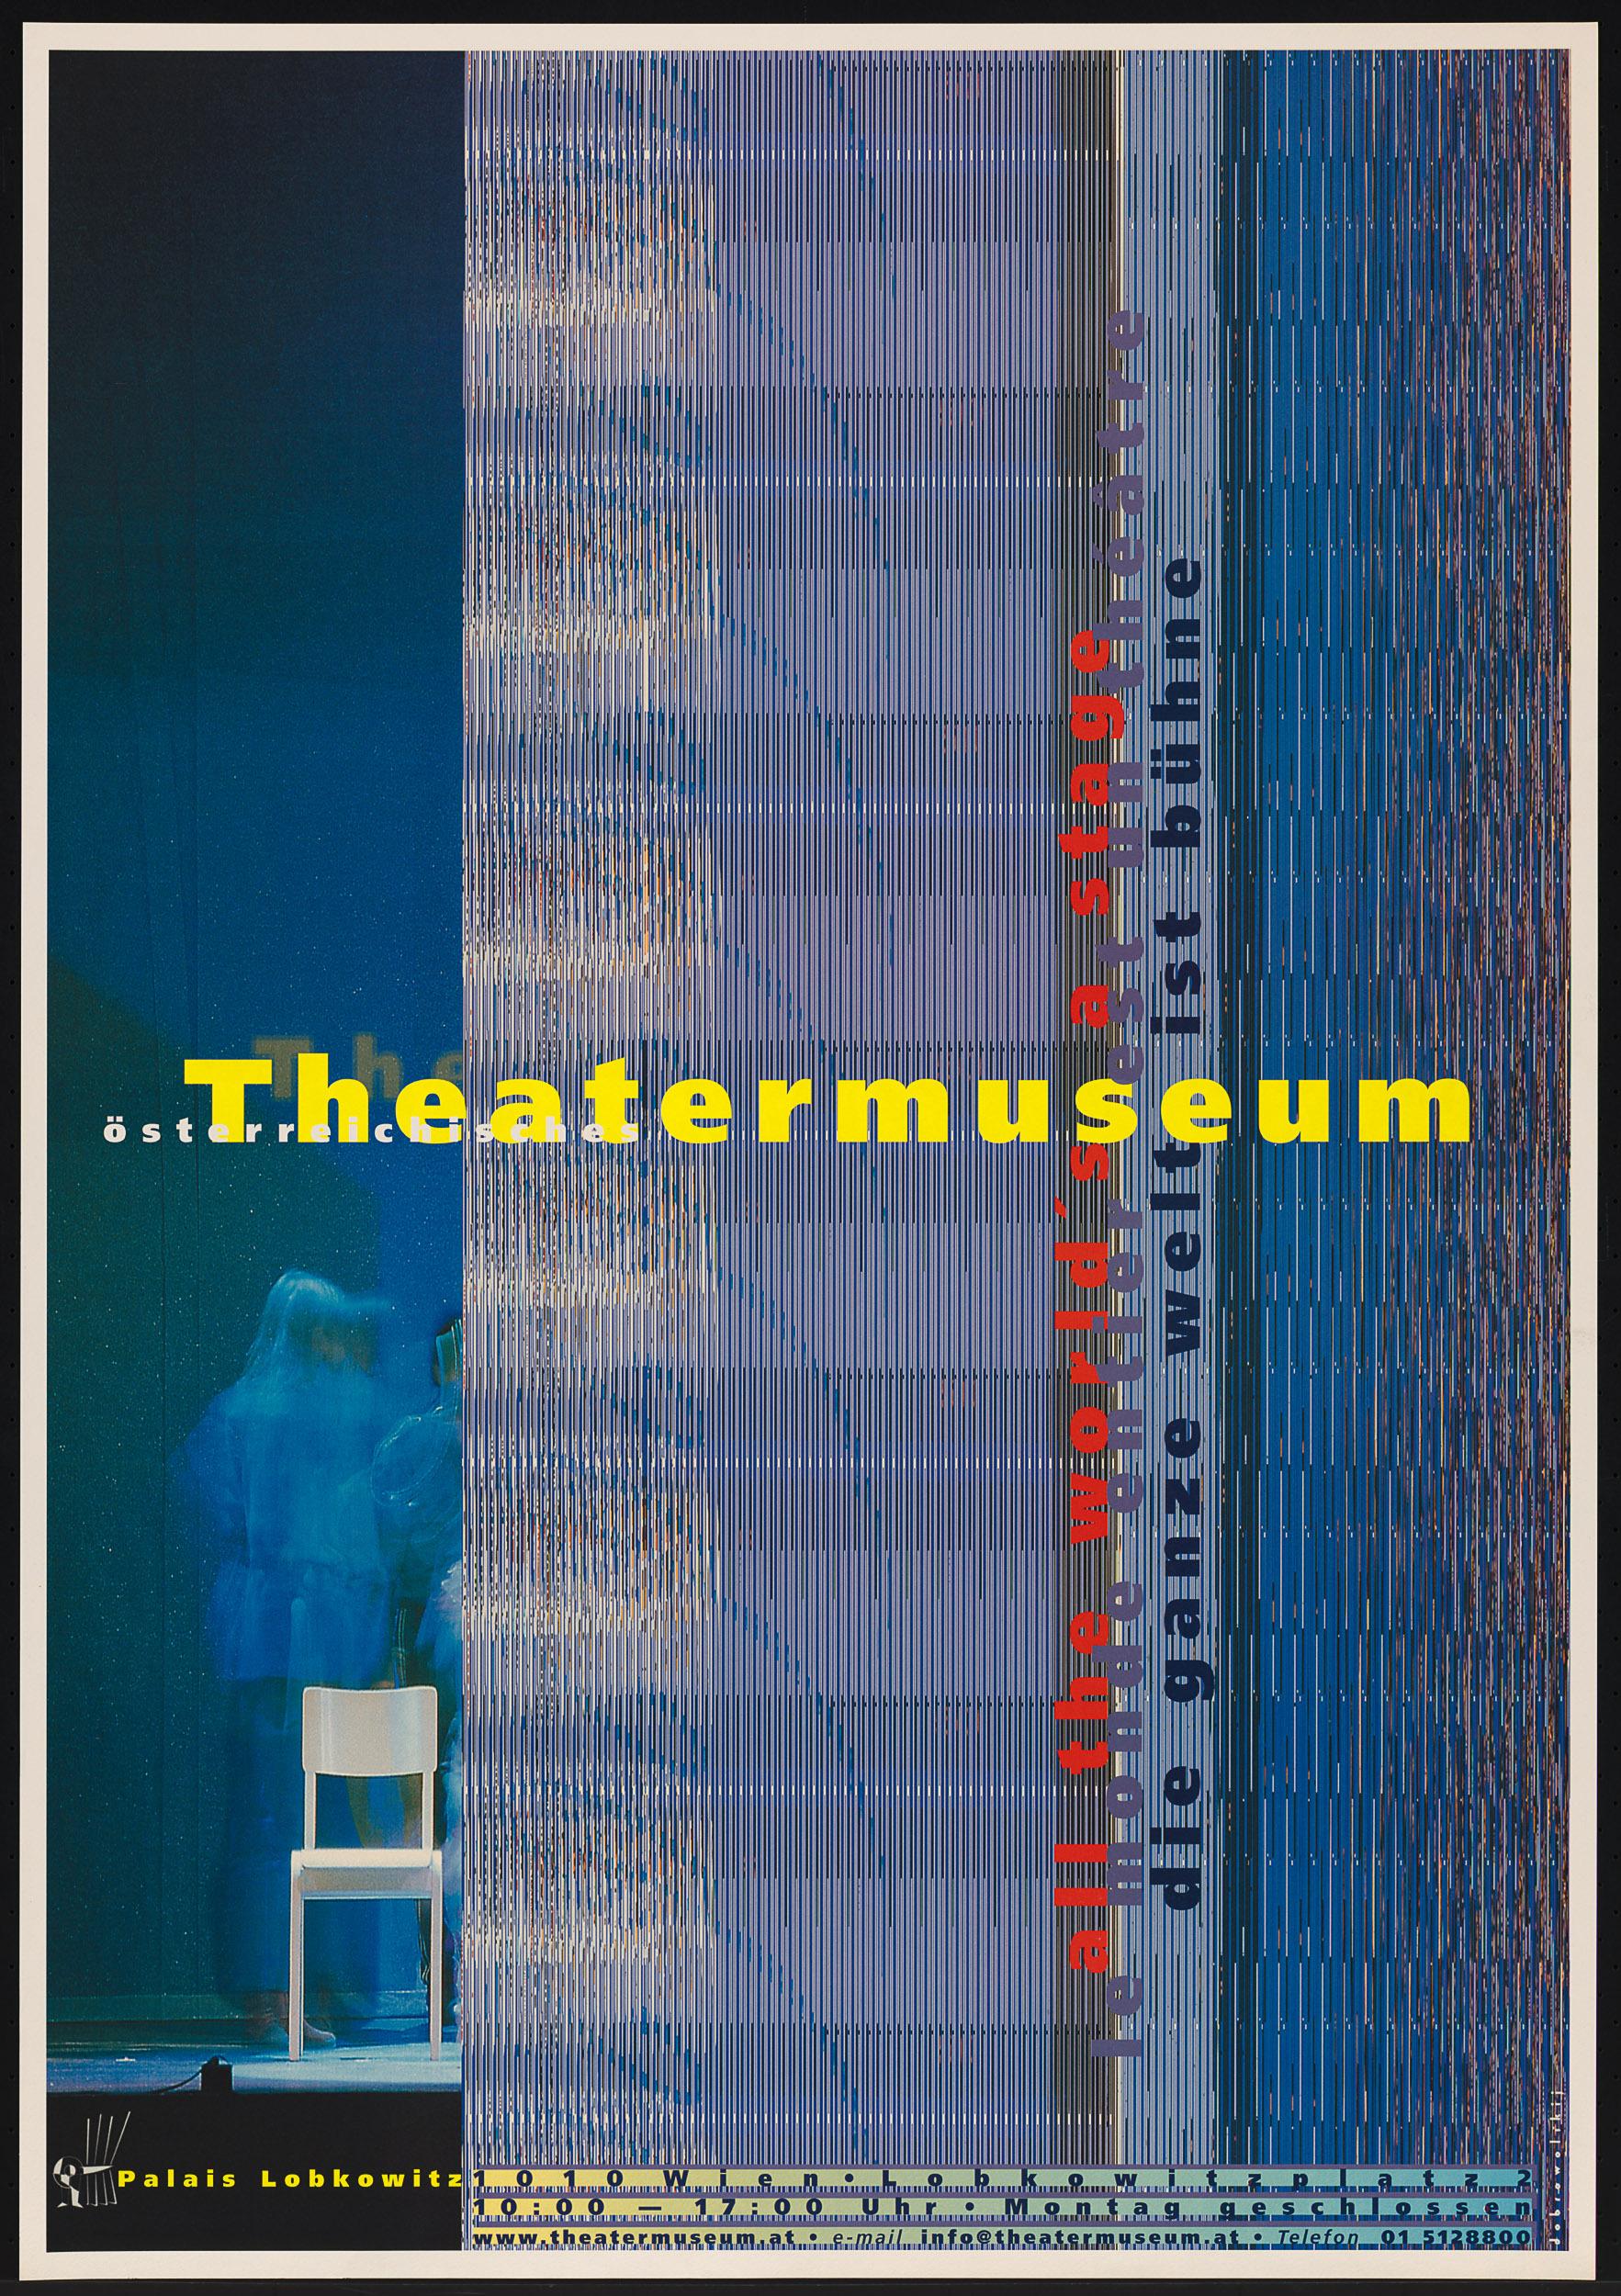 all the world's a stage / le monde entier est un théâtre / die ganze welt ist bühne von Theatermuseum, Wien